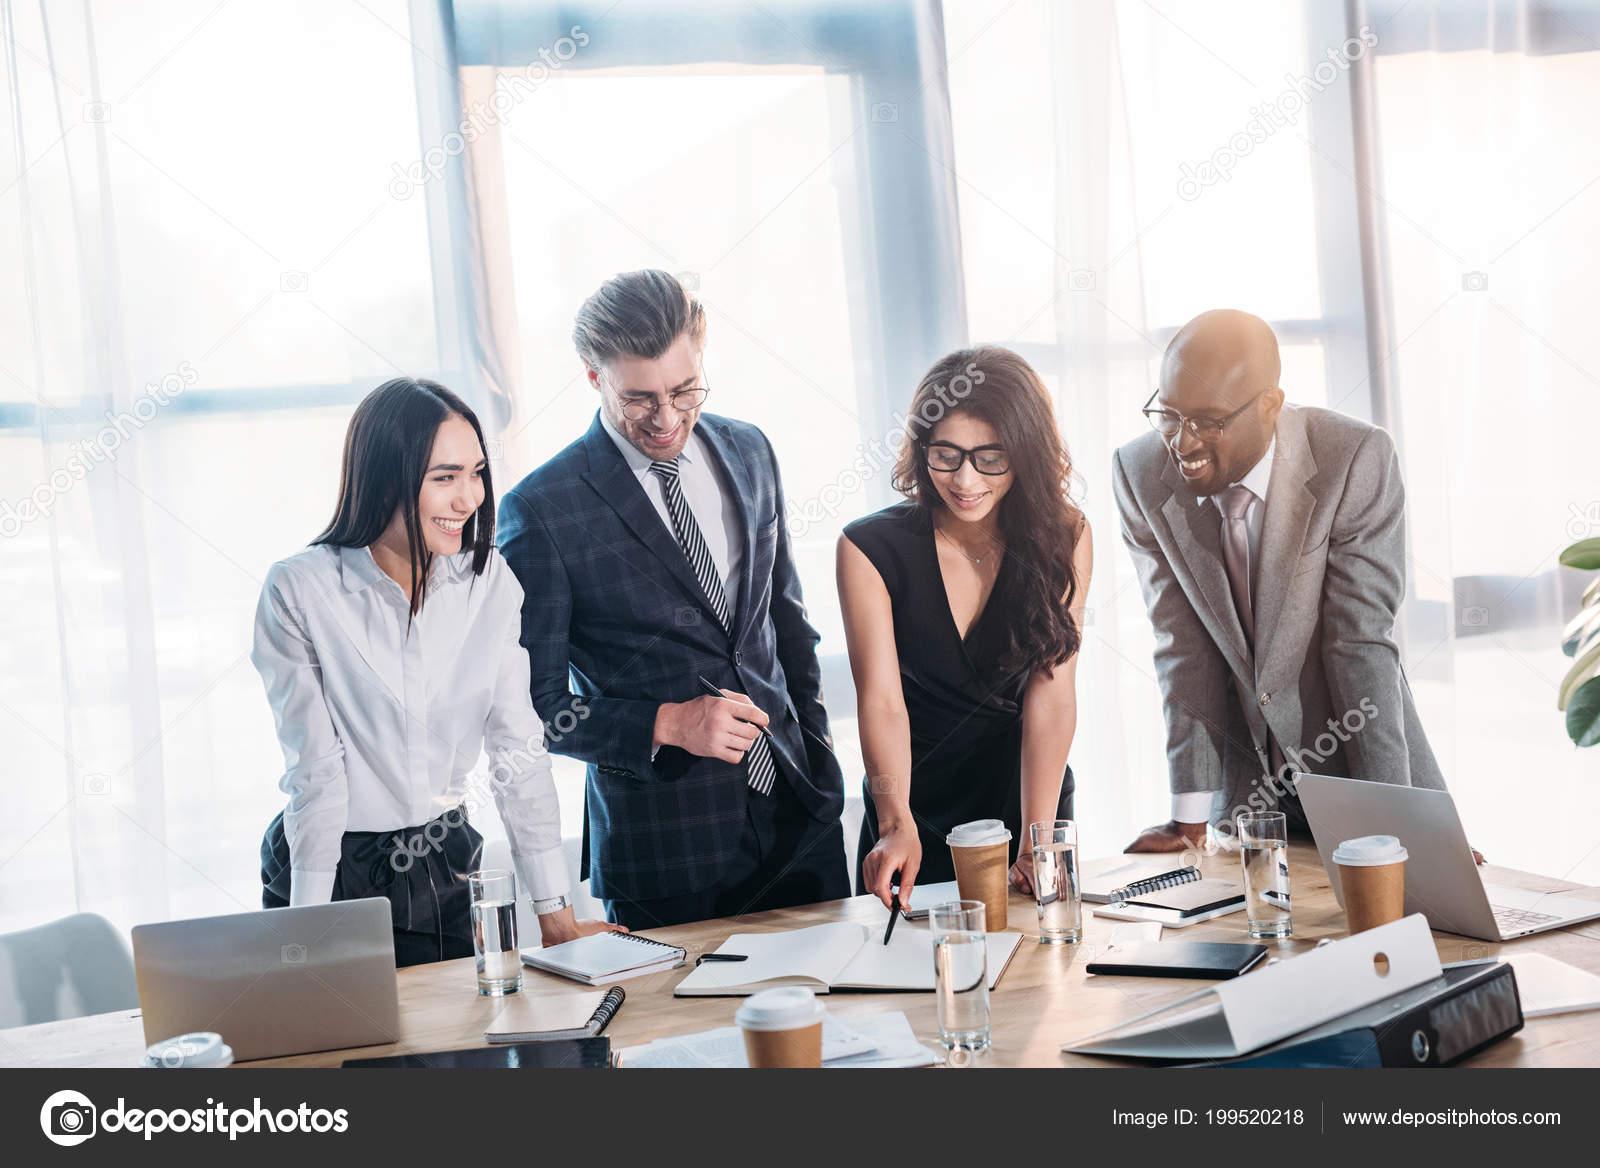 オフィスでのビジネス会議を持つビジネス人々 の多文化笑顔 — ストック